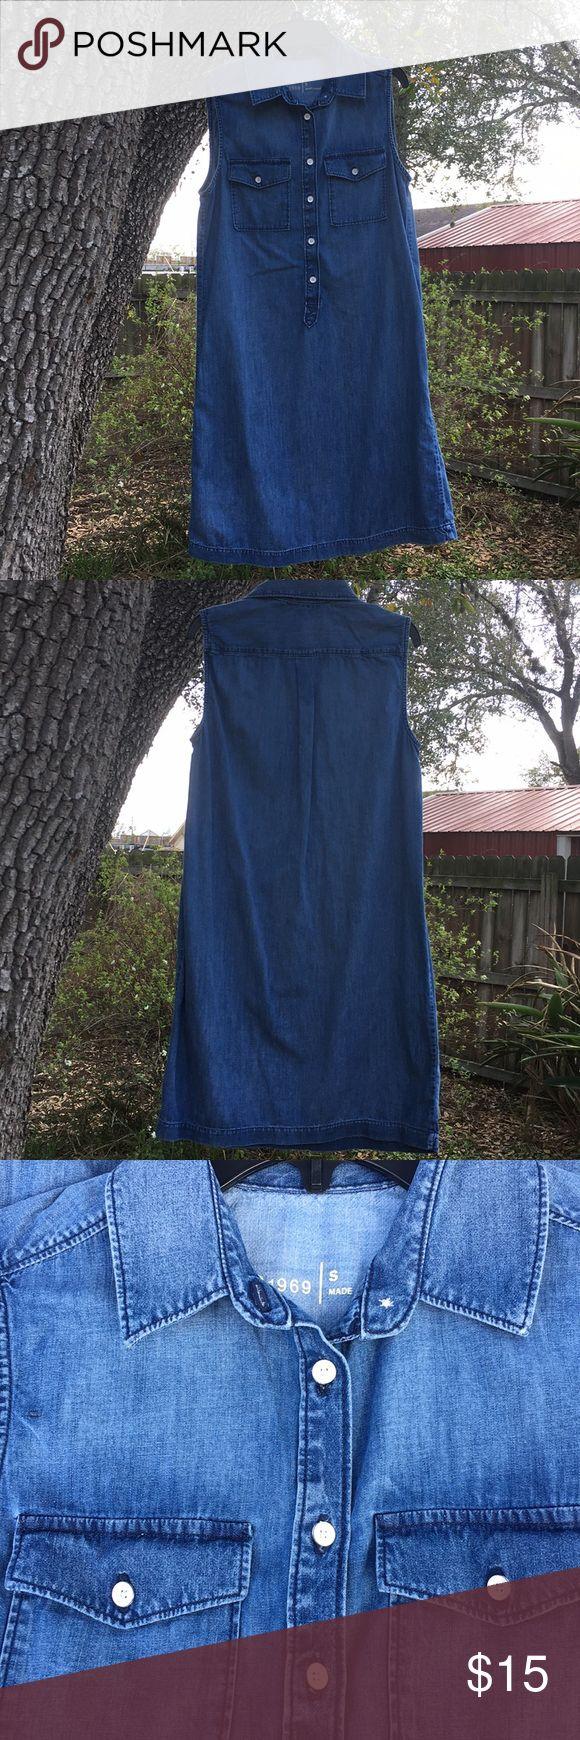 Sleeveless Denim shirt dress Gap shirt dress Size Small In excellent condition  3/4 button down Sleeveless GAP Dresses